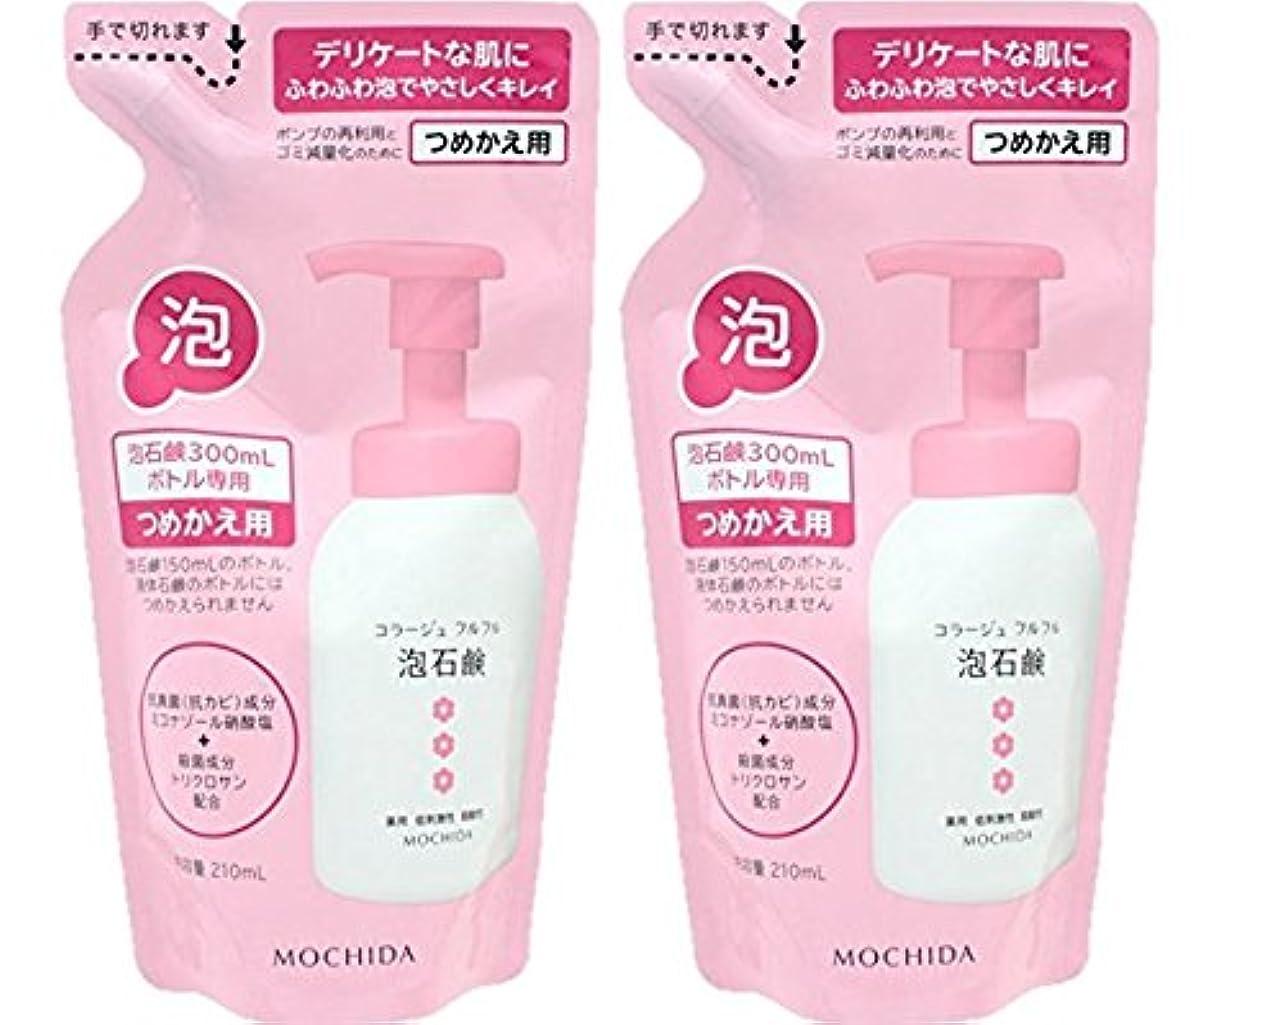 ぬるい食い違い無駄コラージュフルフル 泡石鹸 ピンク つめかえ用 210mL (医薬部外品)×2